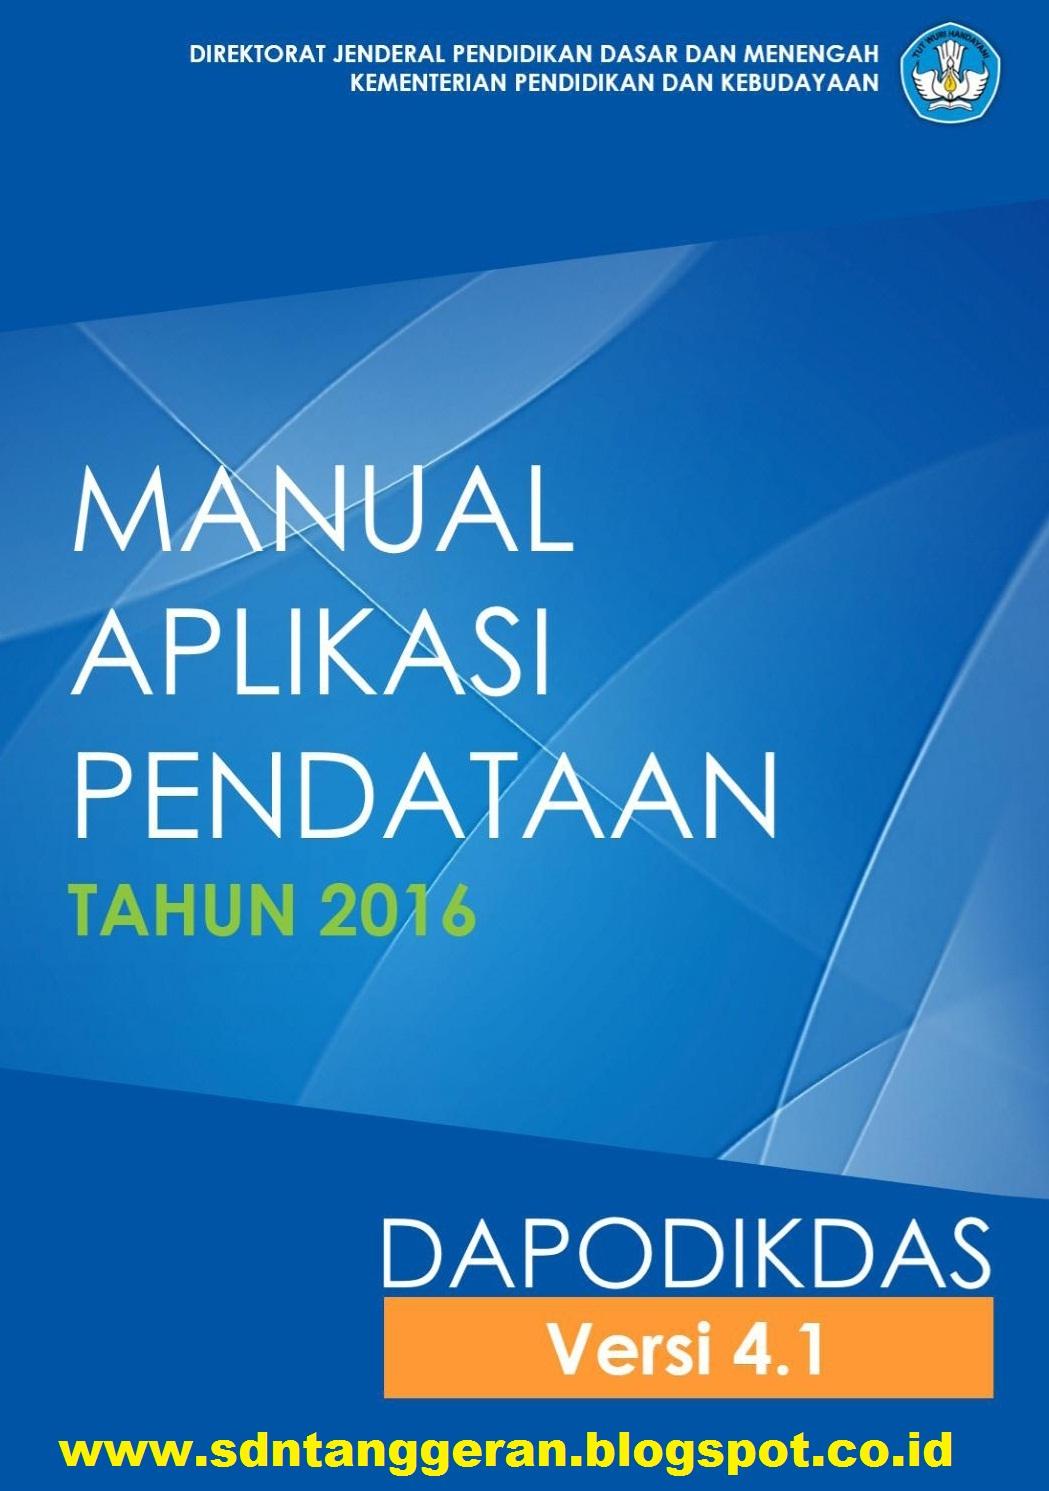 Ditjen Dikdasmen Terbitkan Buku Manual Dan Tanya Jawab Dapodik Versi 4 1 0 Blognya Sd Negeri